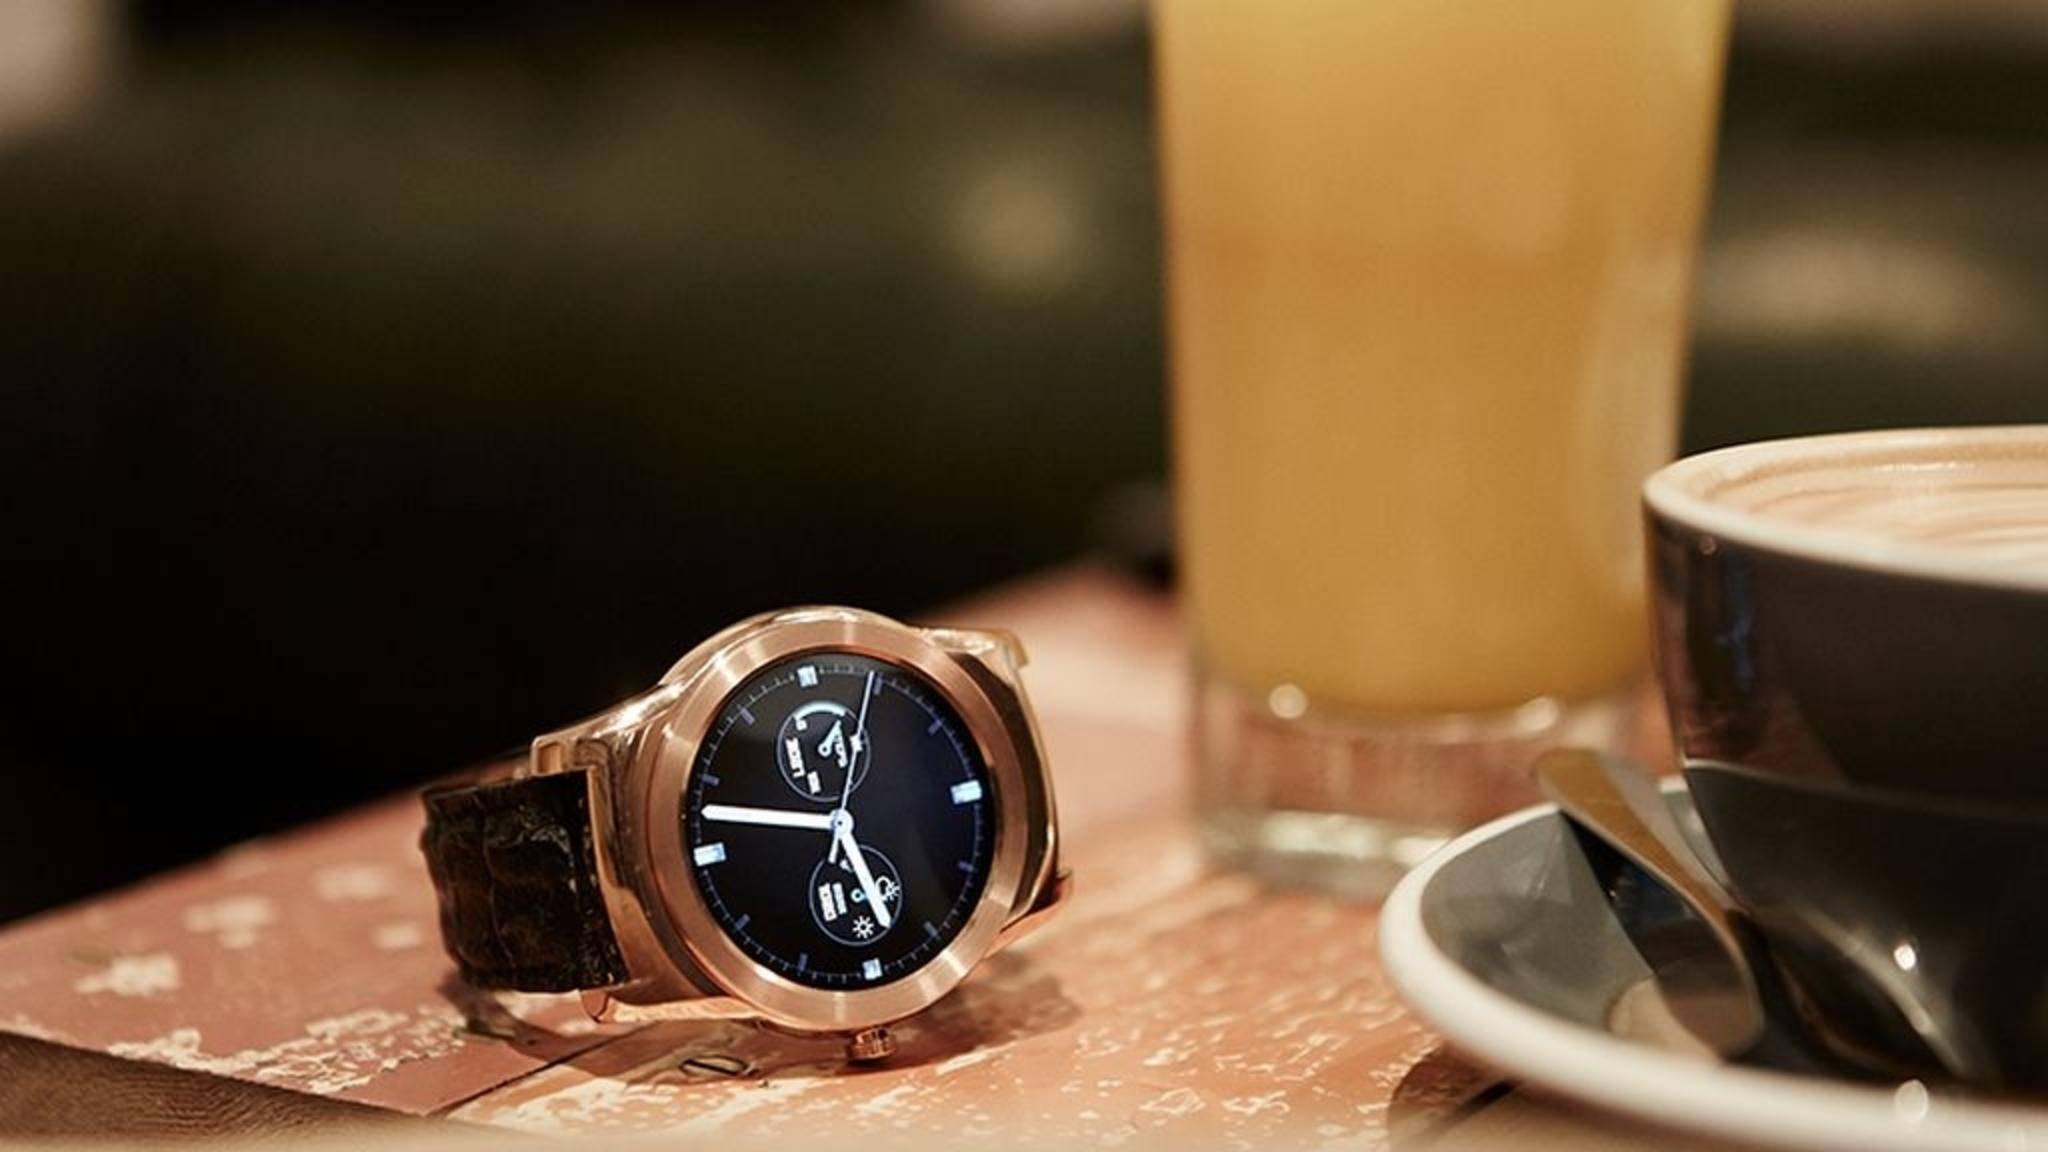 Der der LG Watch Urbane (im Bild) kommt wohl die LG Watch W7.